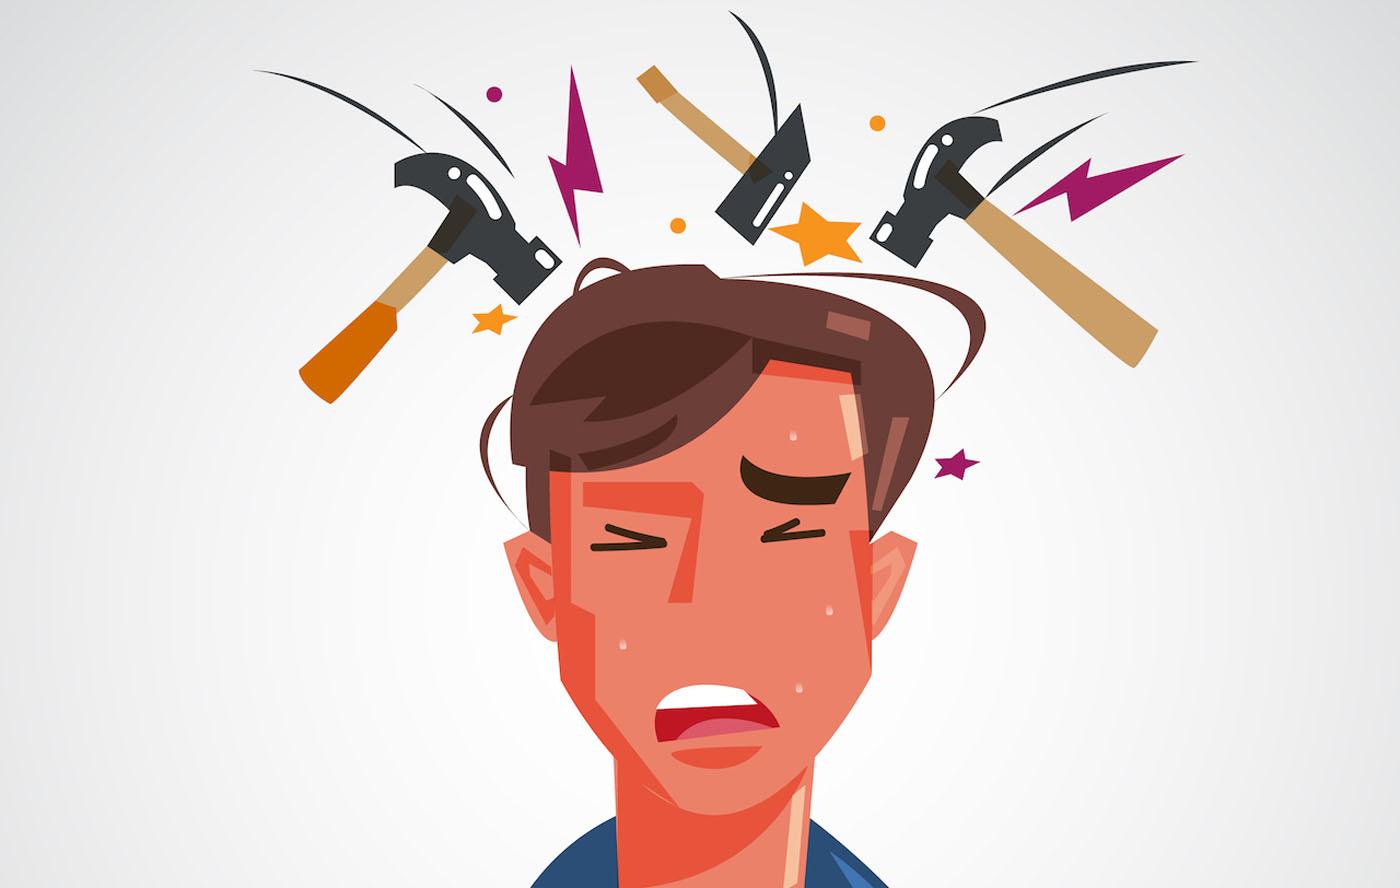 психосоматика, психотерапия, головная боль